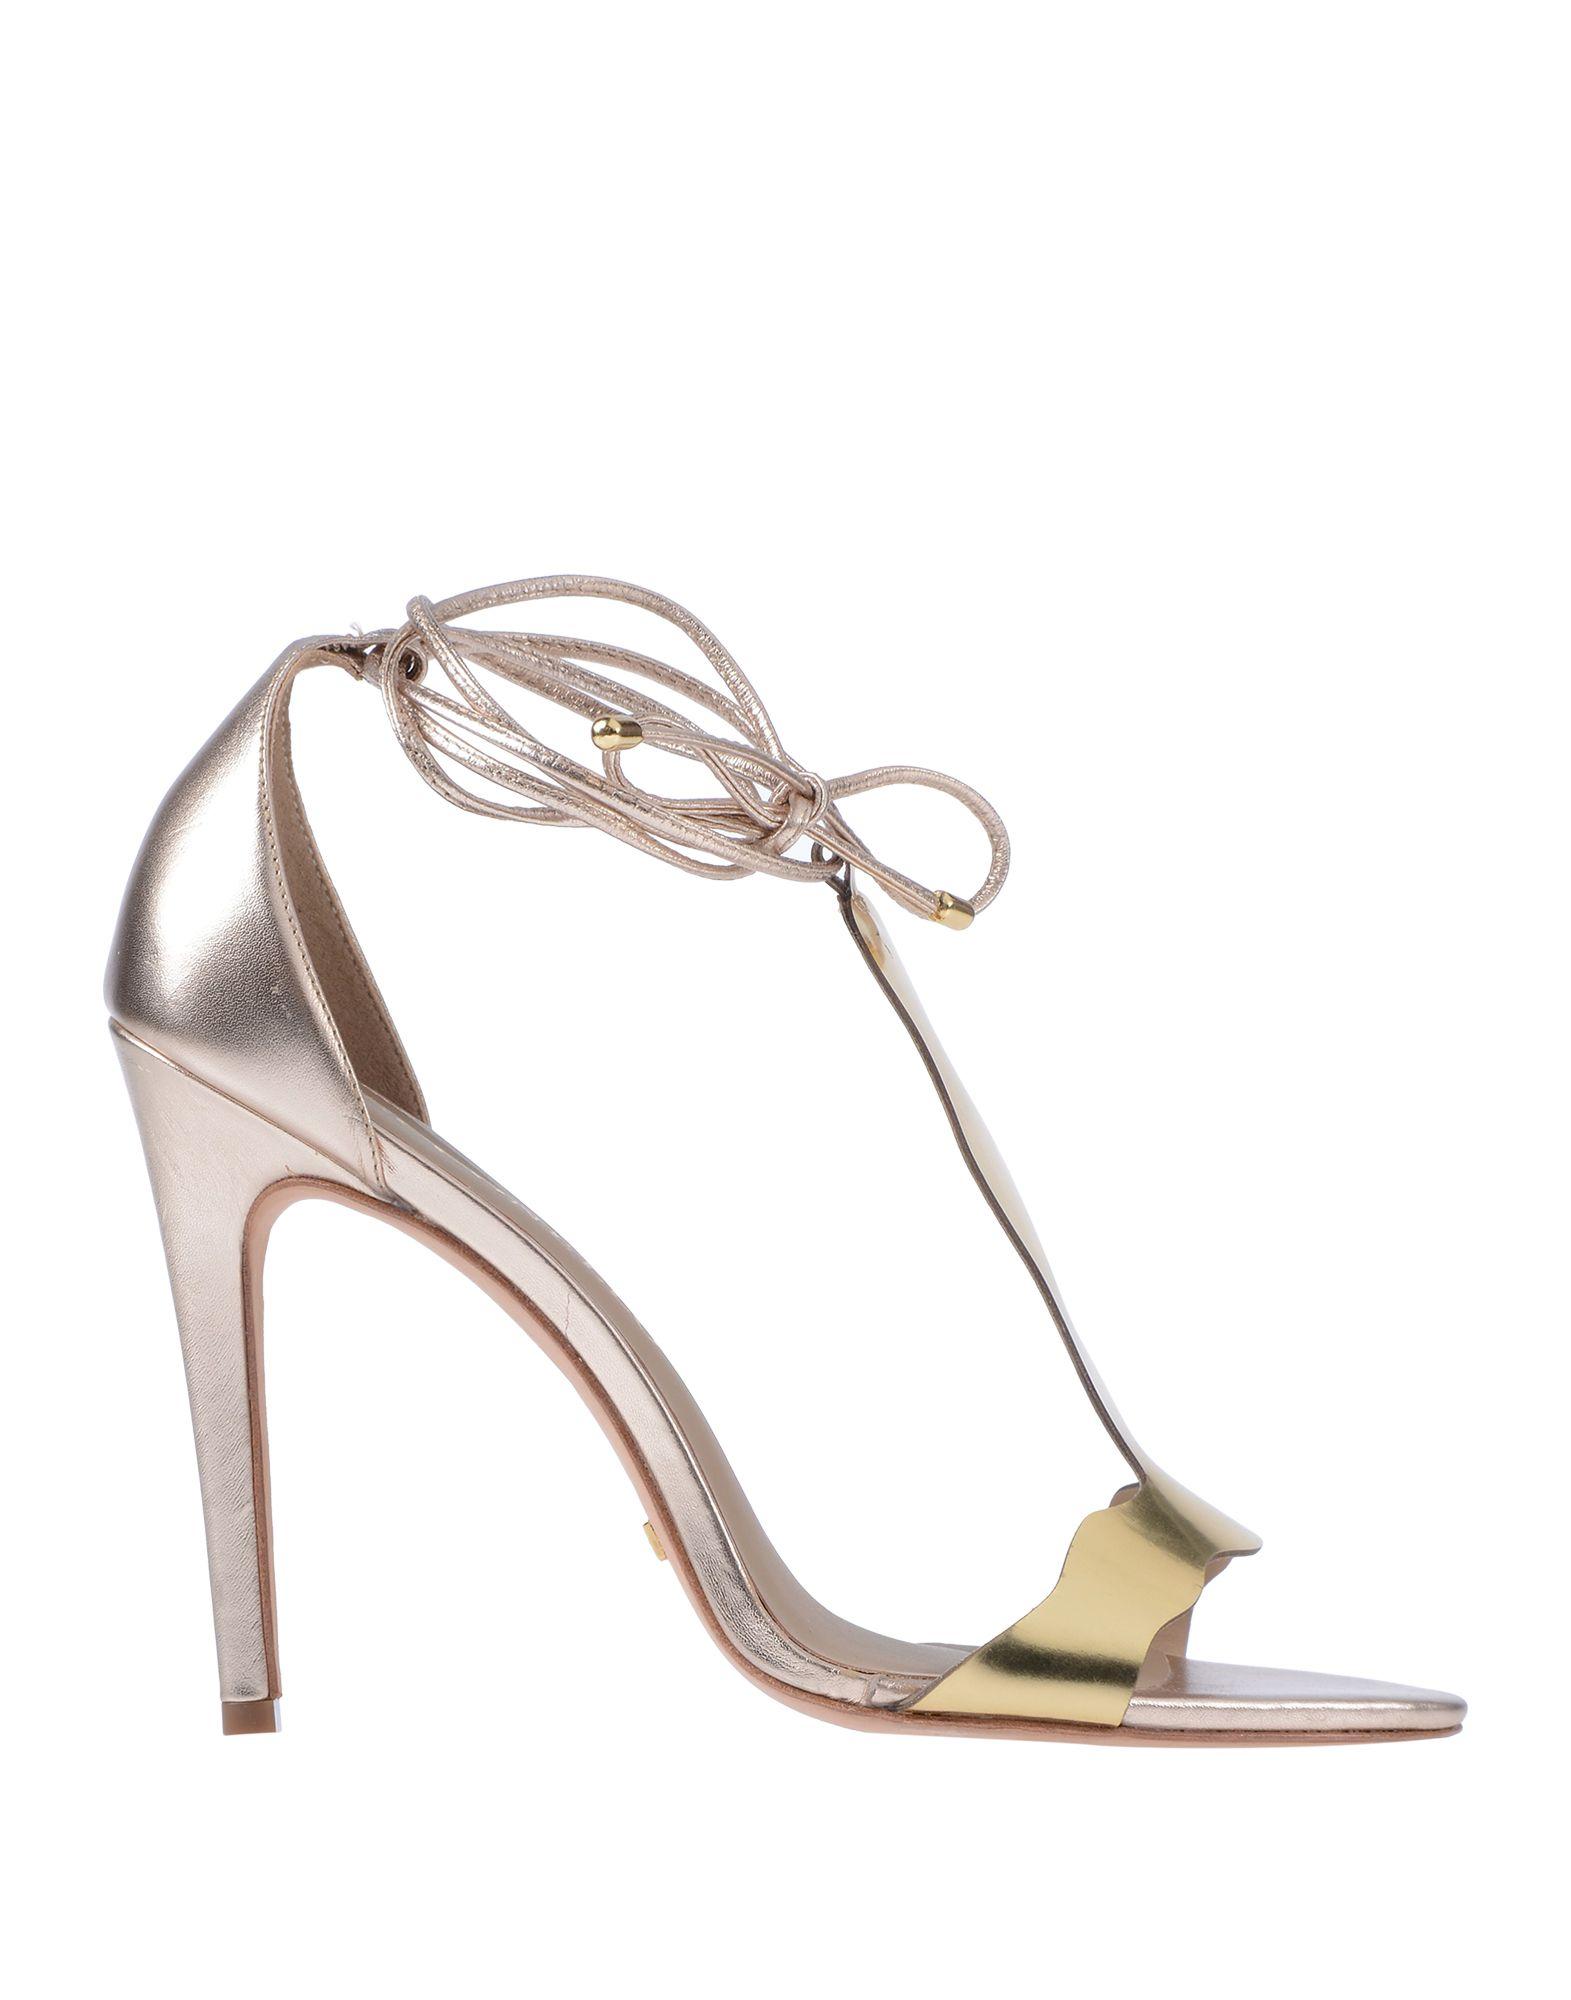 Sandali Cecconello Cecconello donna - 11581512HW  online Shop